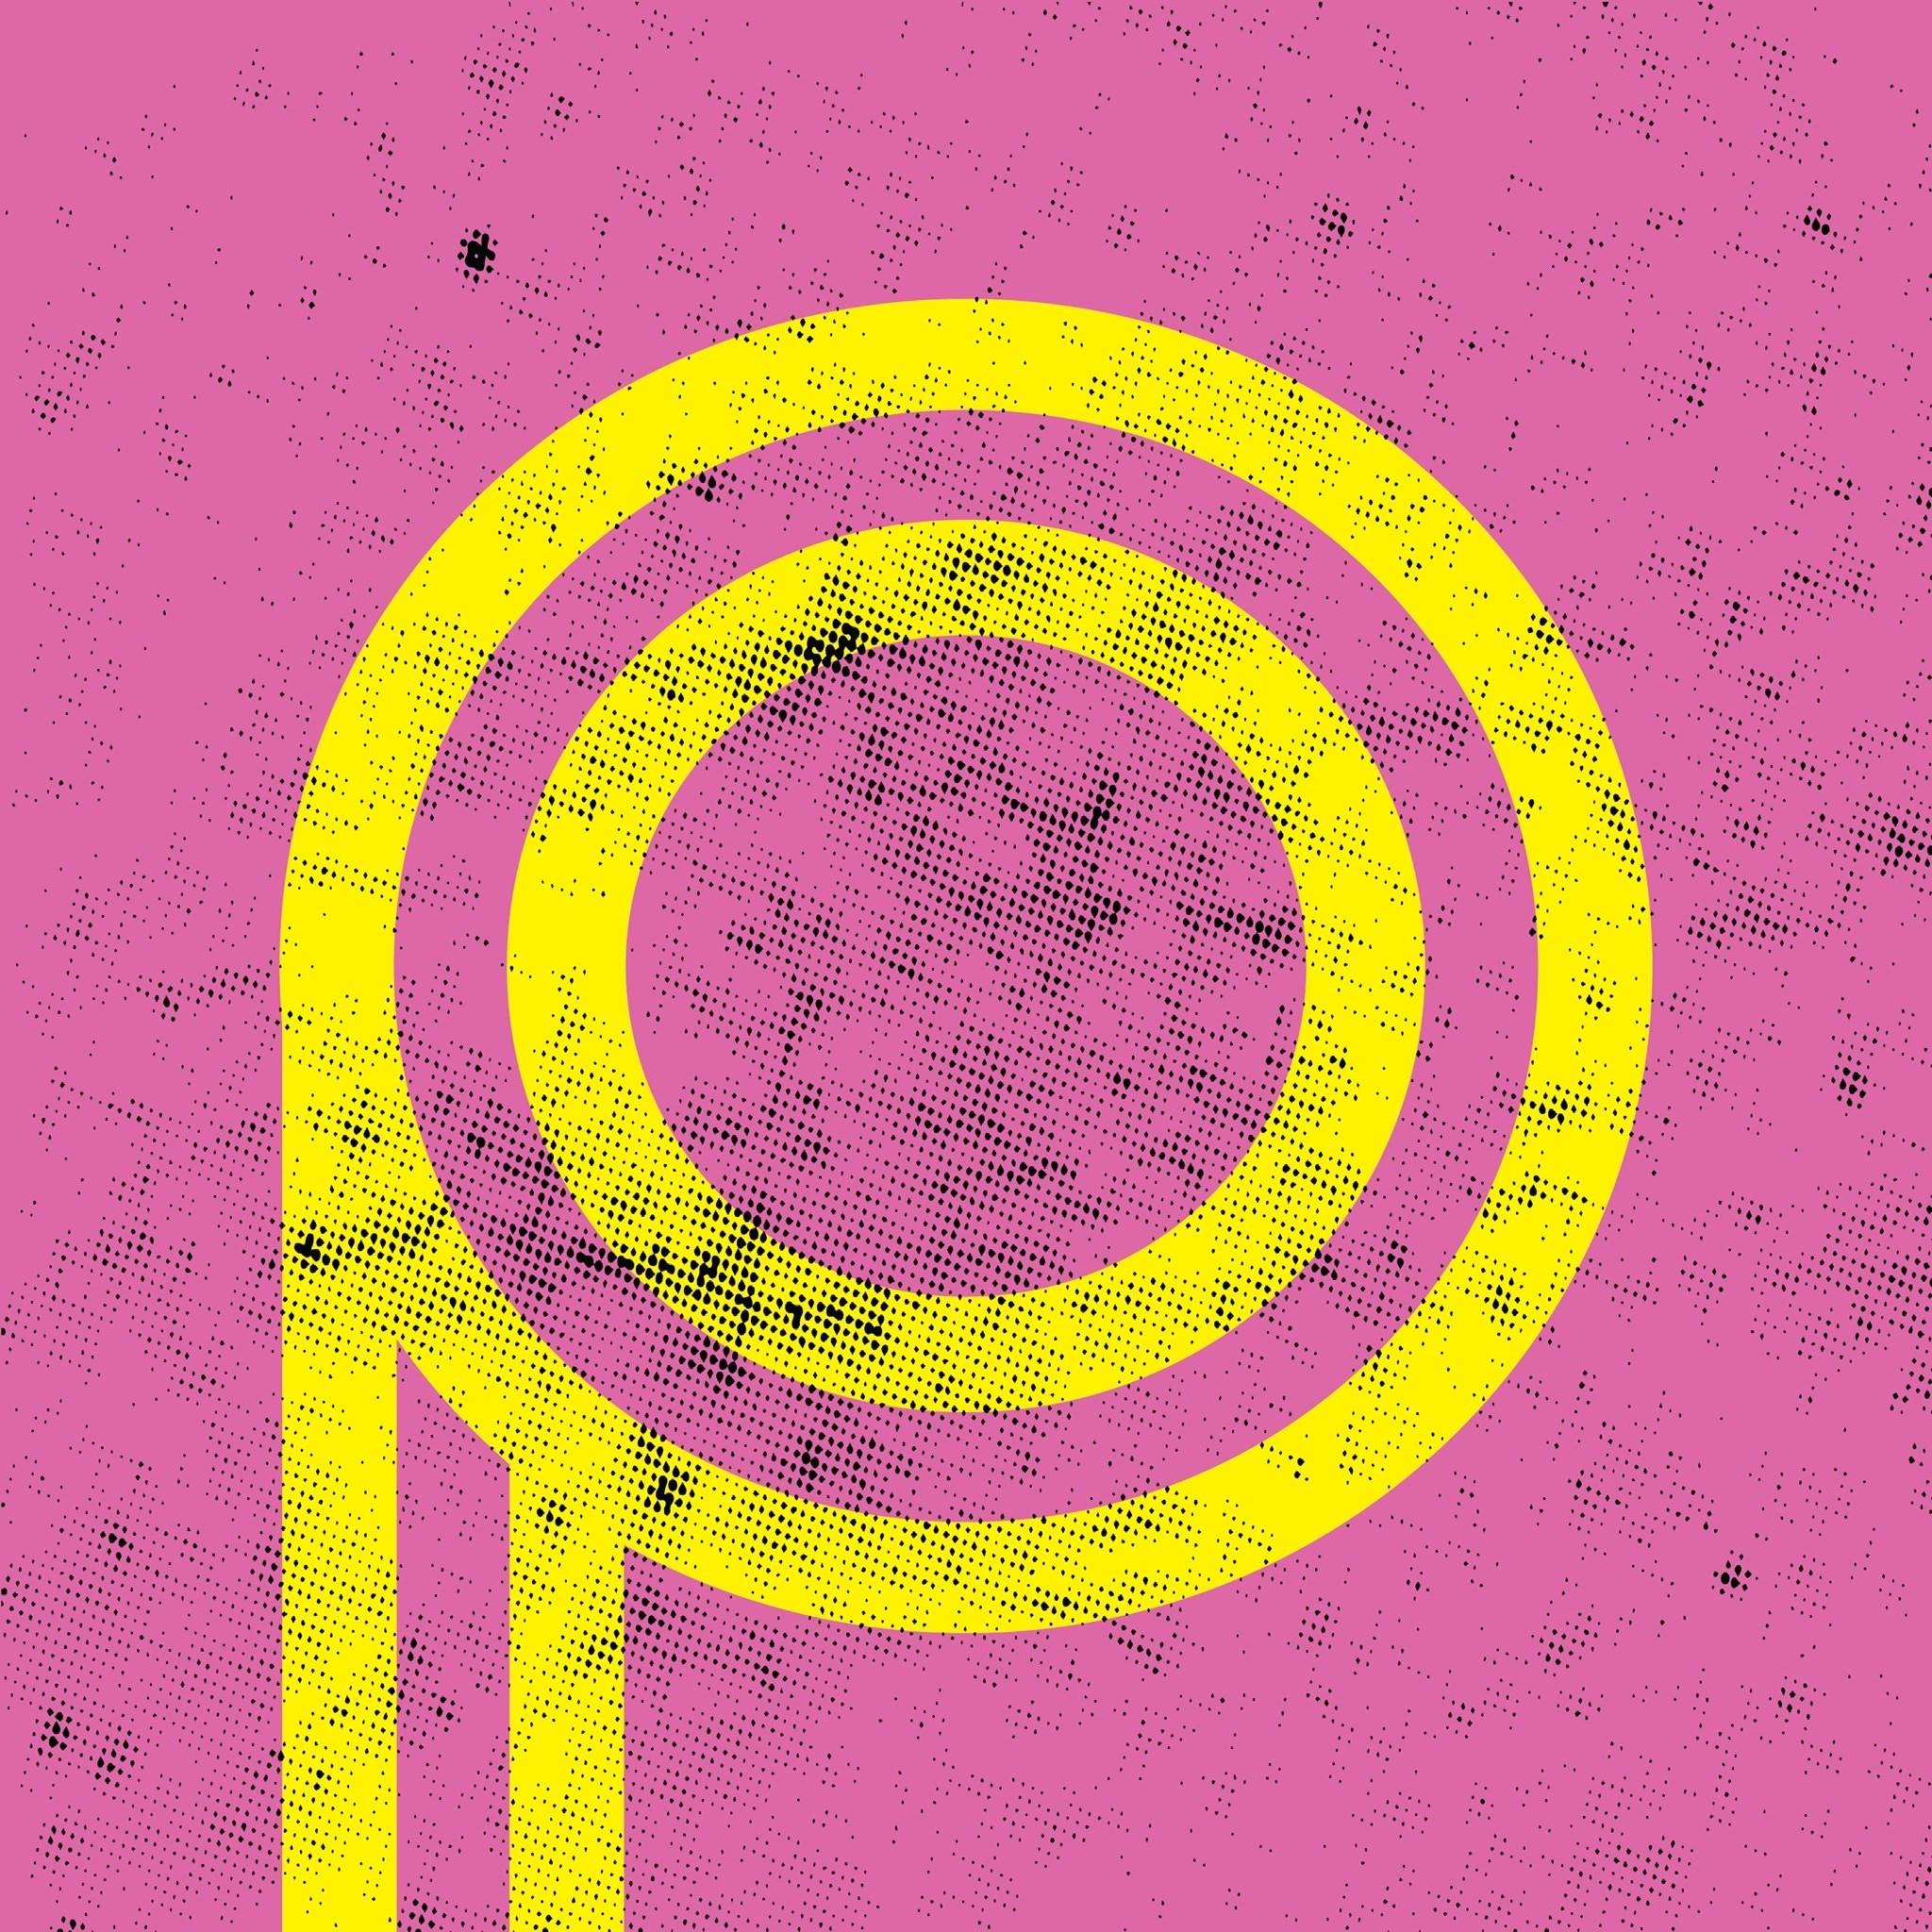 imagem do programa Peta-Zetas